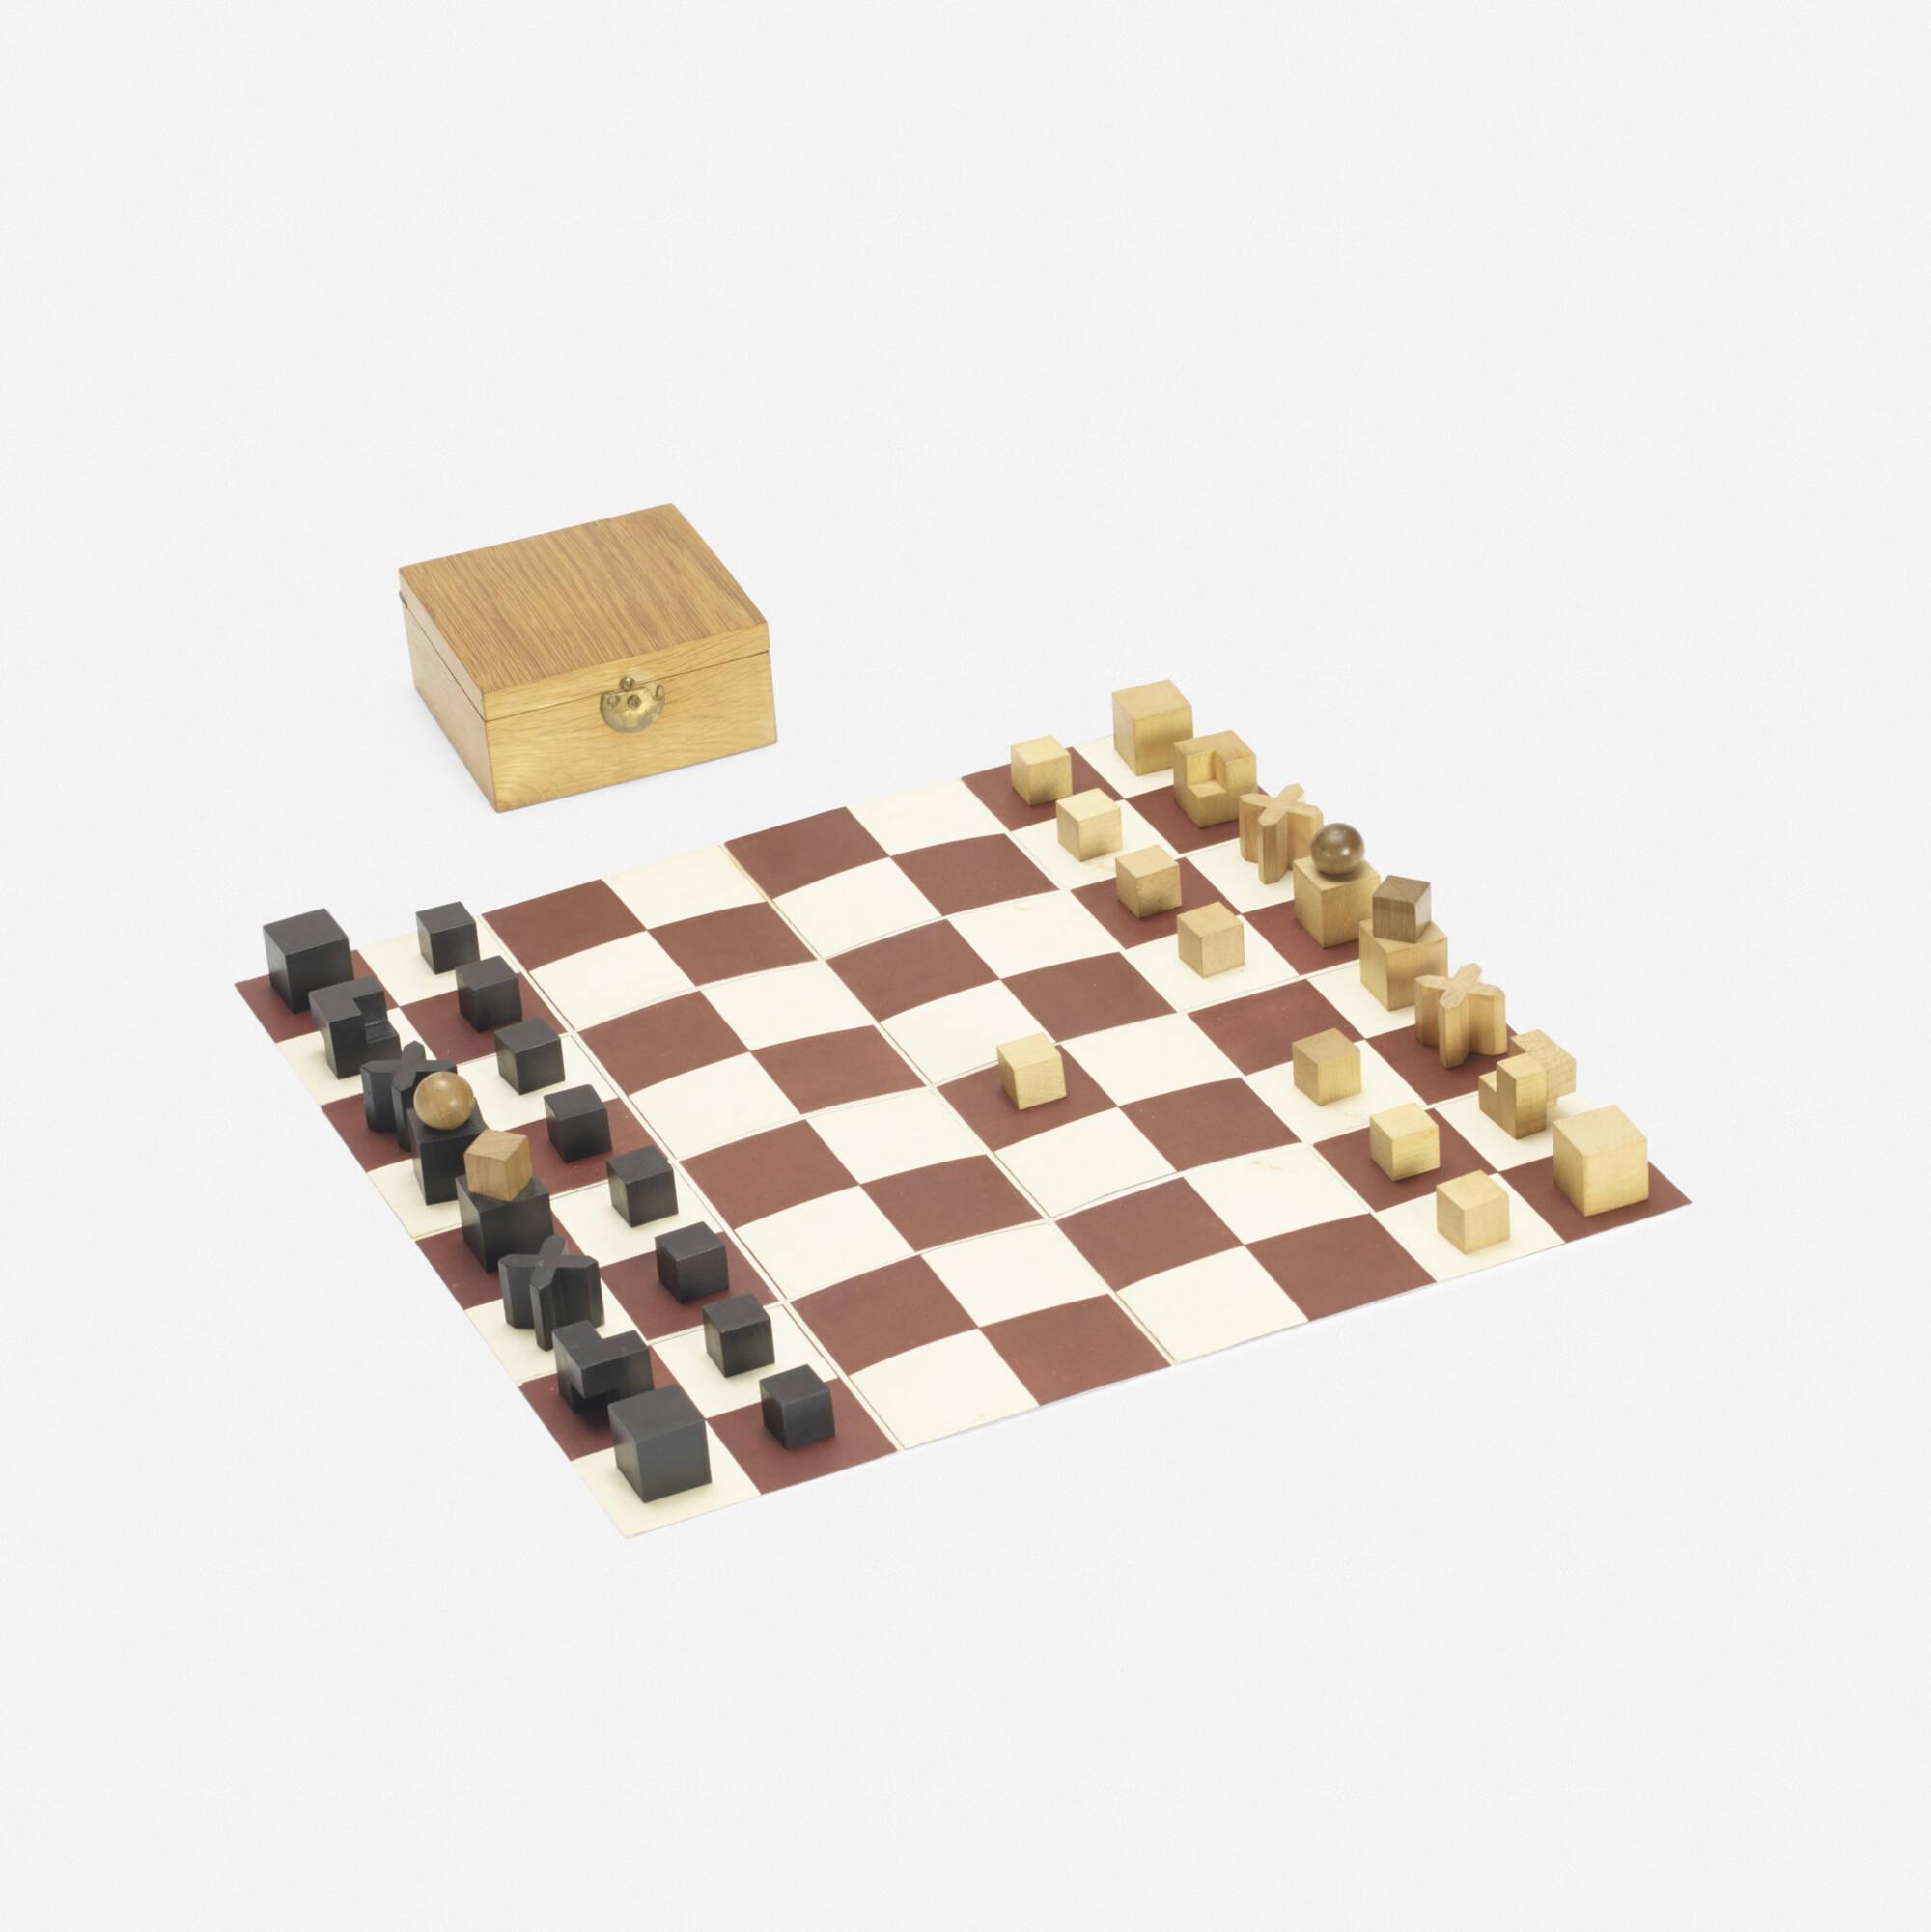 150: Josef Hartwig / Bauhaus chess set (1 of 2)